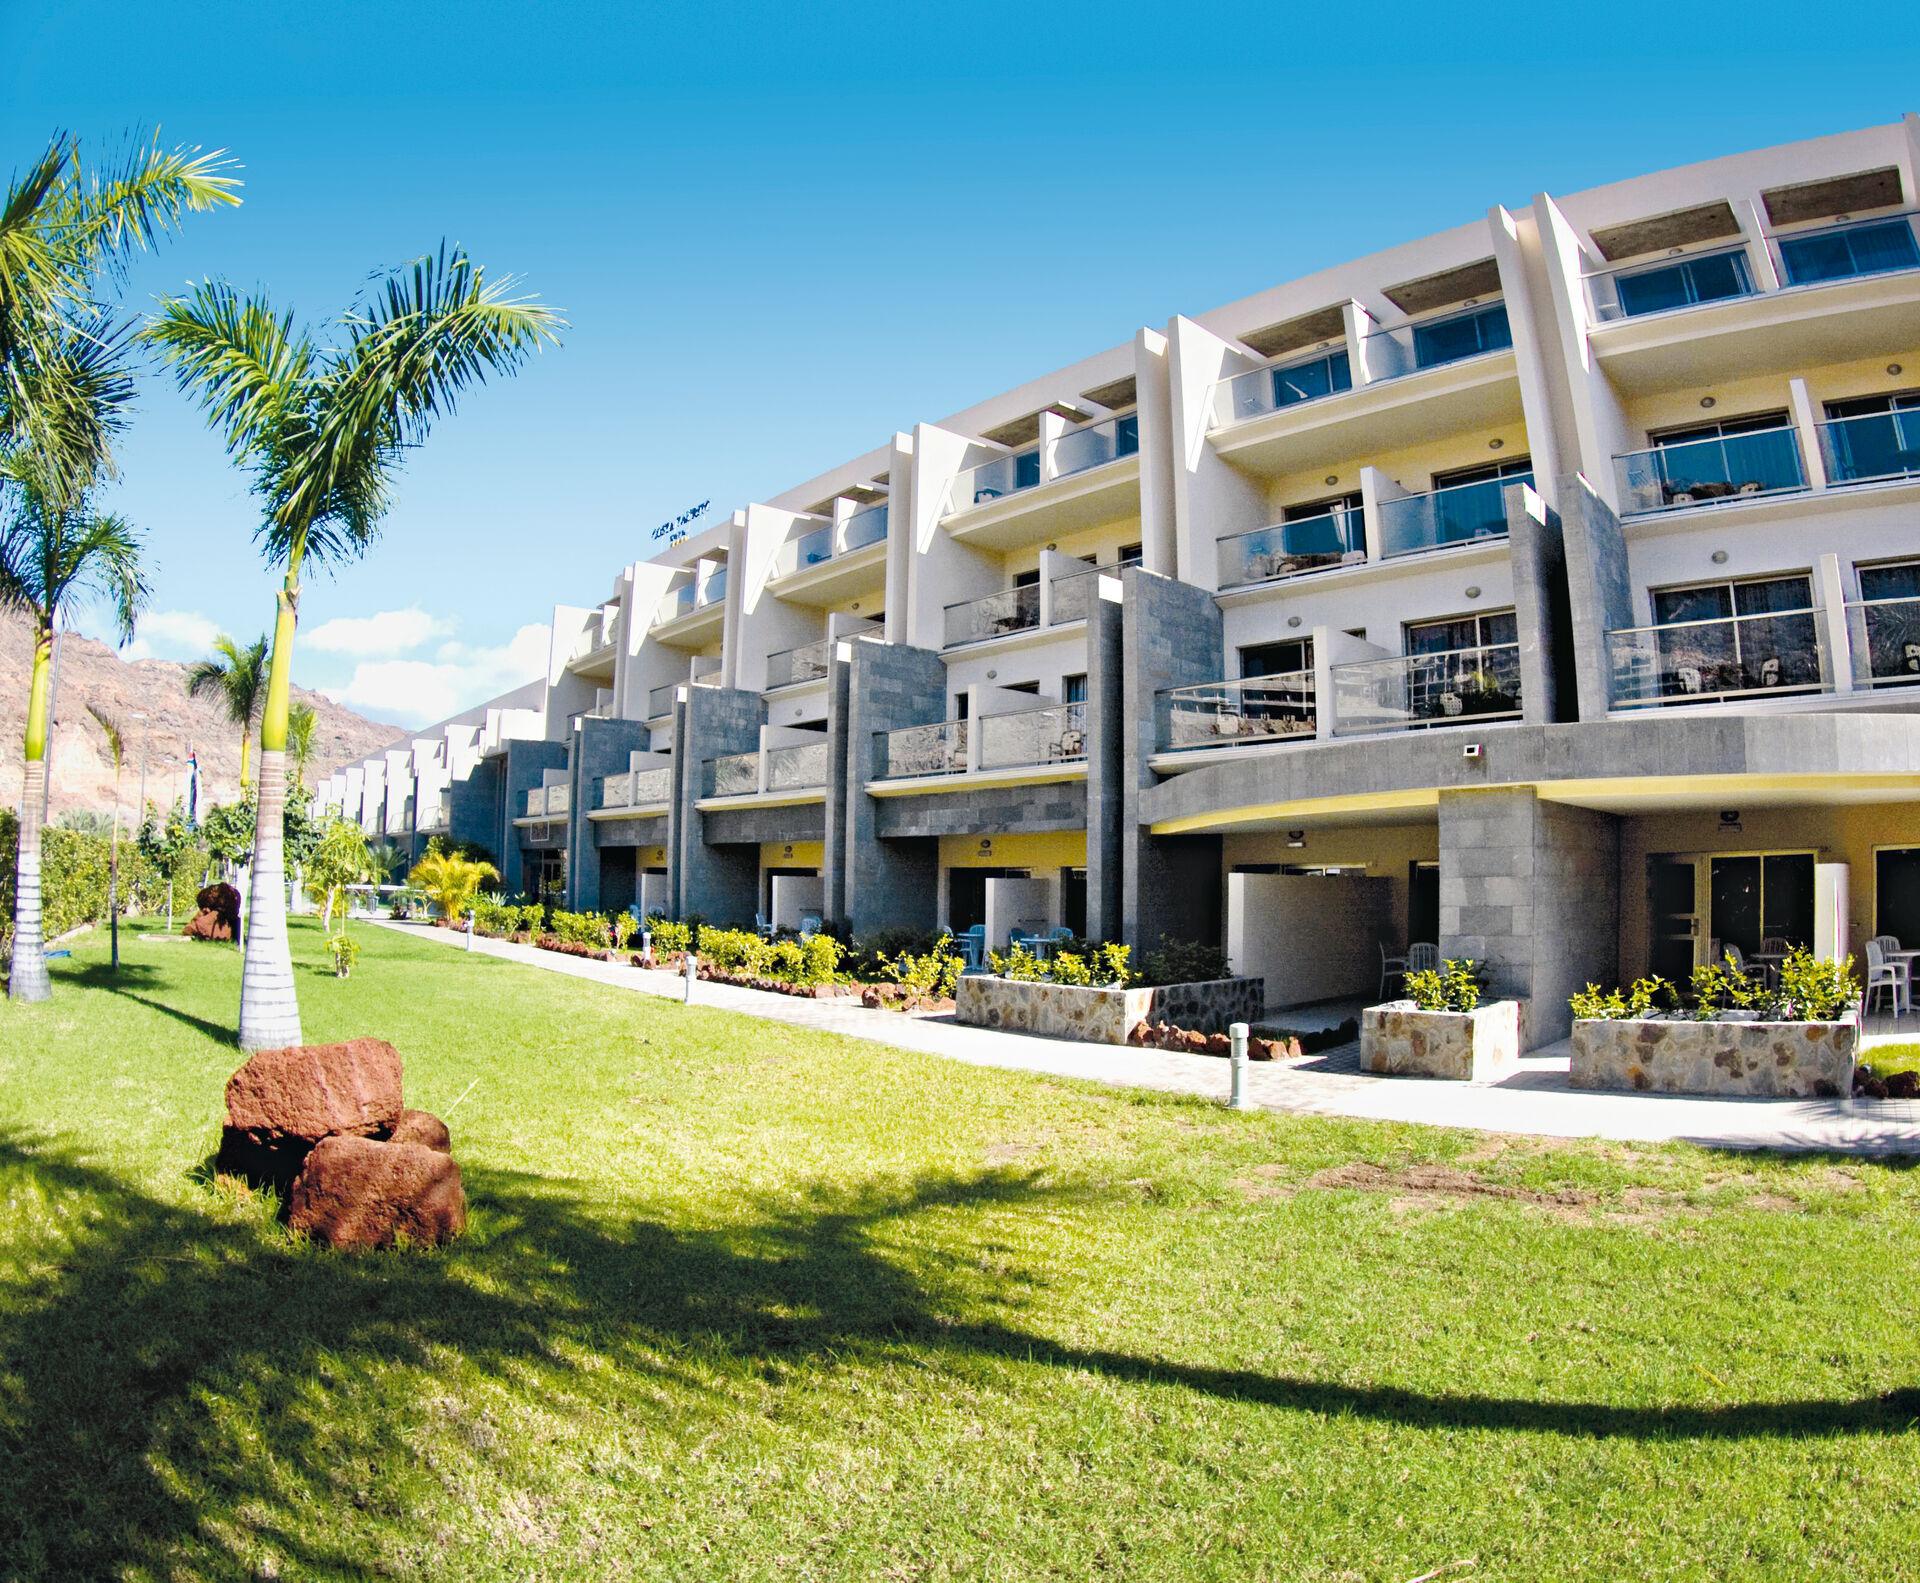 Séjour Las Palmas - Hôtel Paradise Costa Taurito - 4*